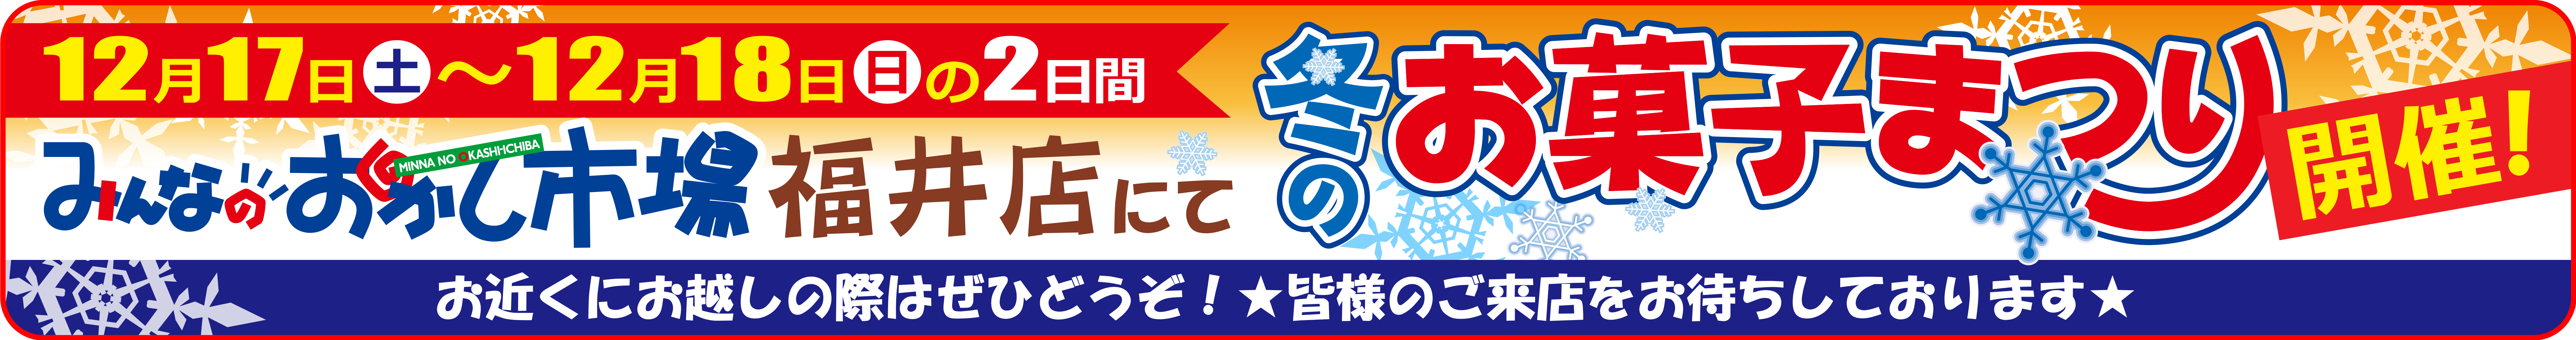 みんなのおかし市場福井店 冬のお菓子まつり